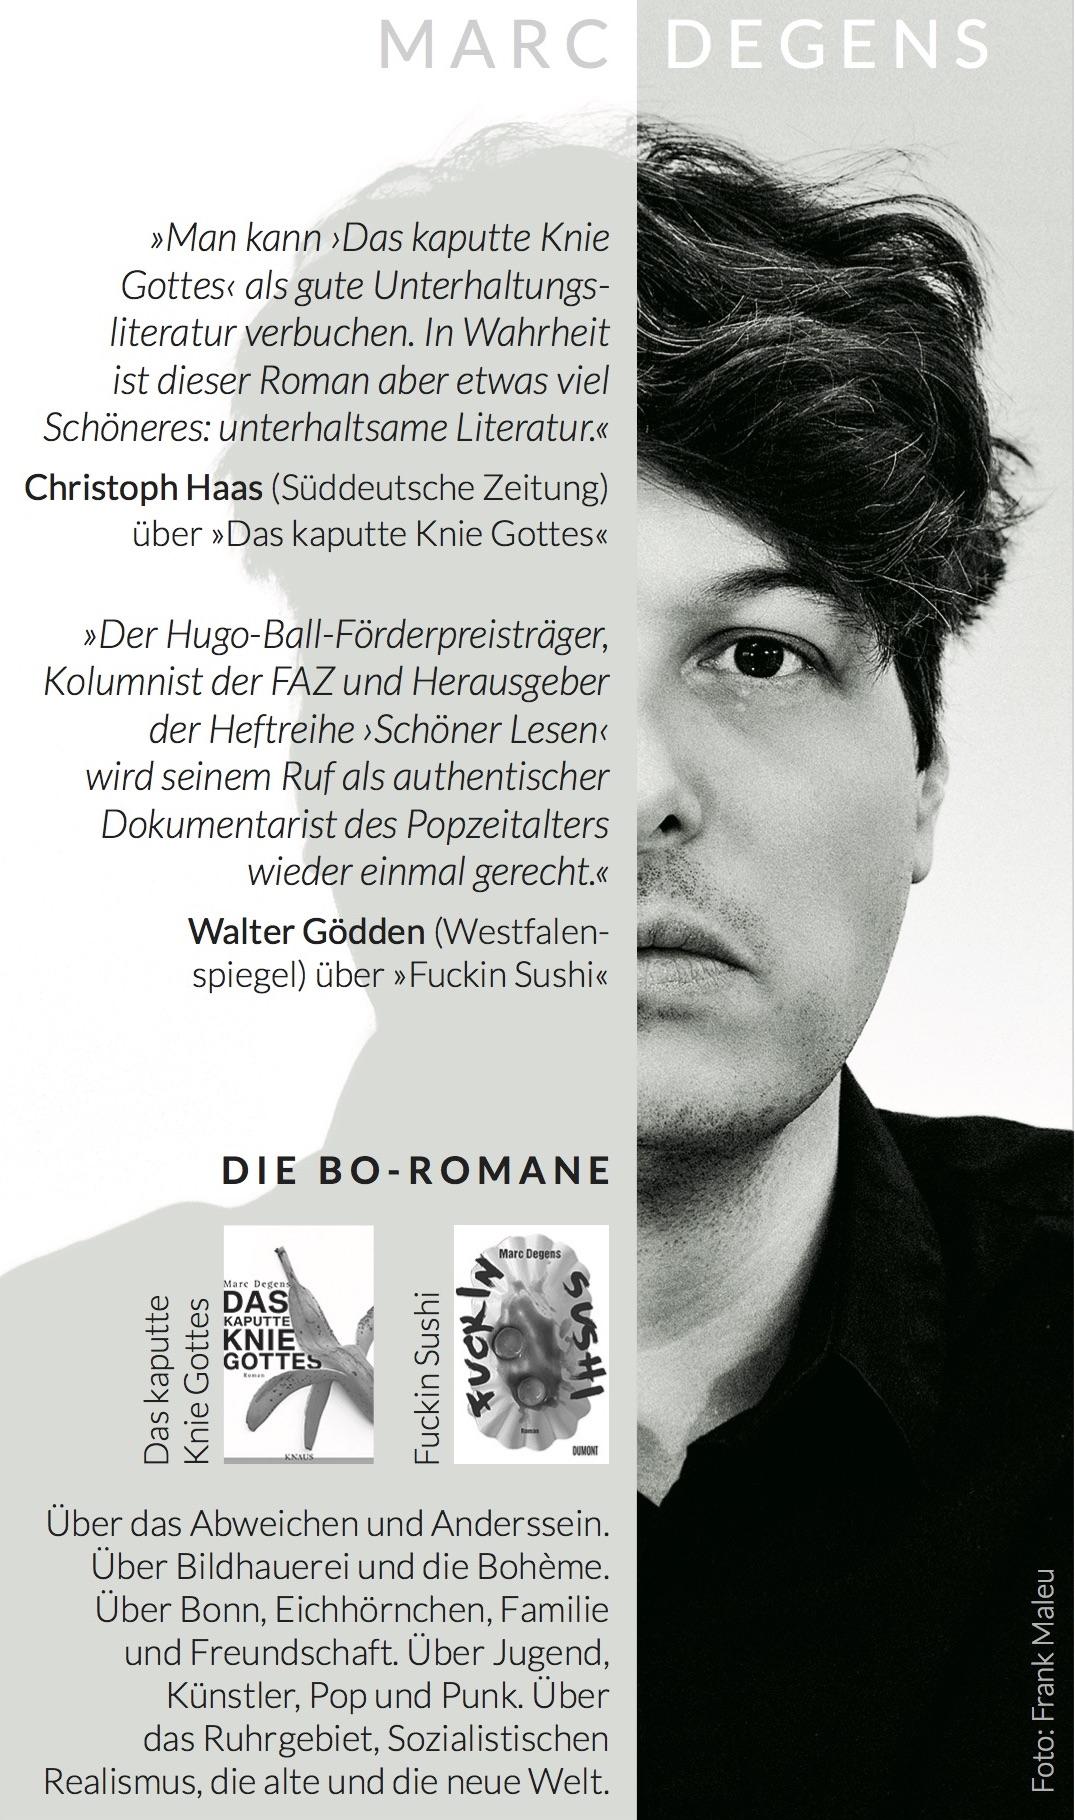 DIE BO-ROMANE (Anzeige aus ERIWAN)